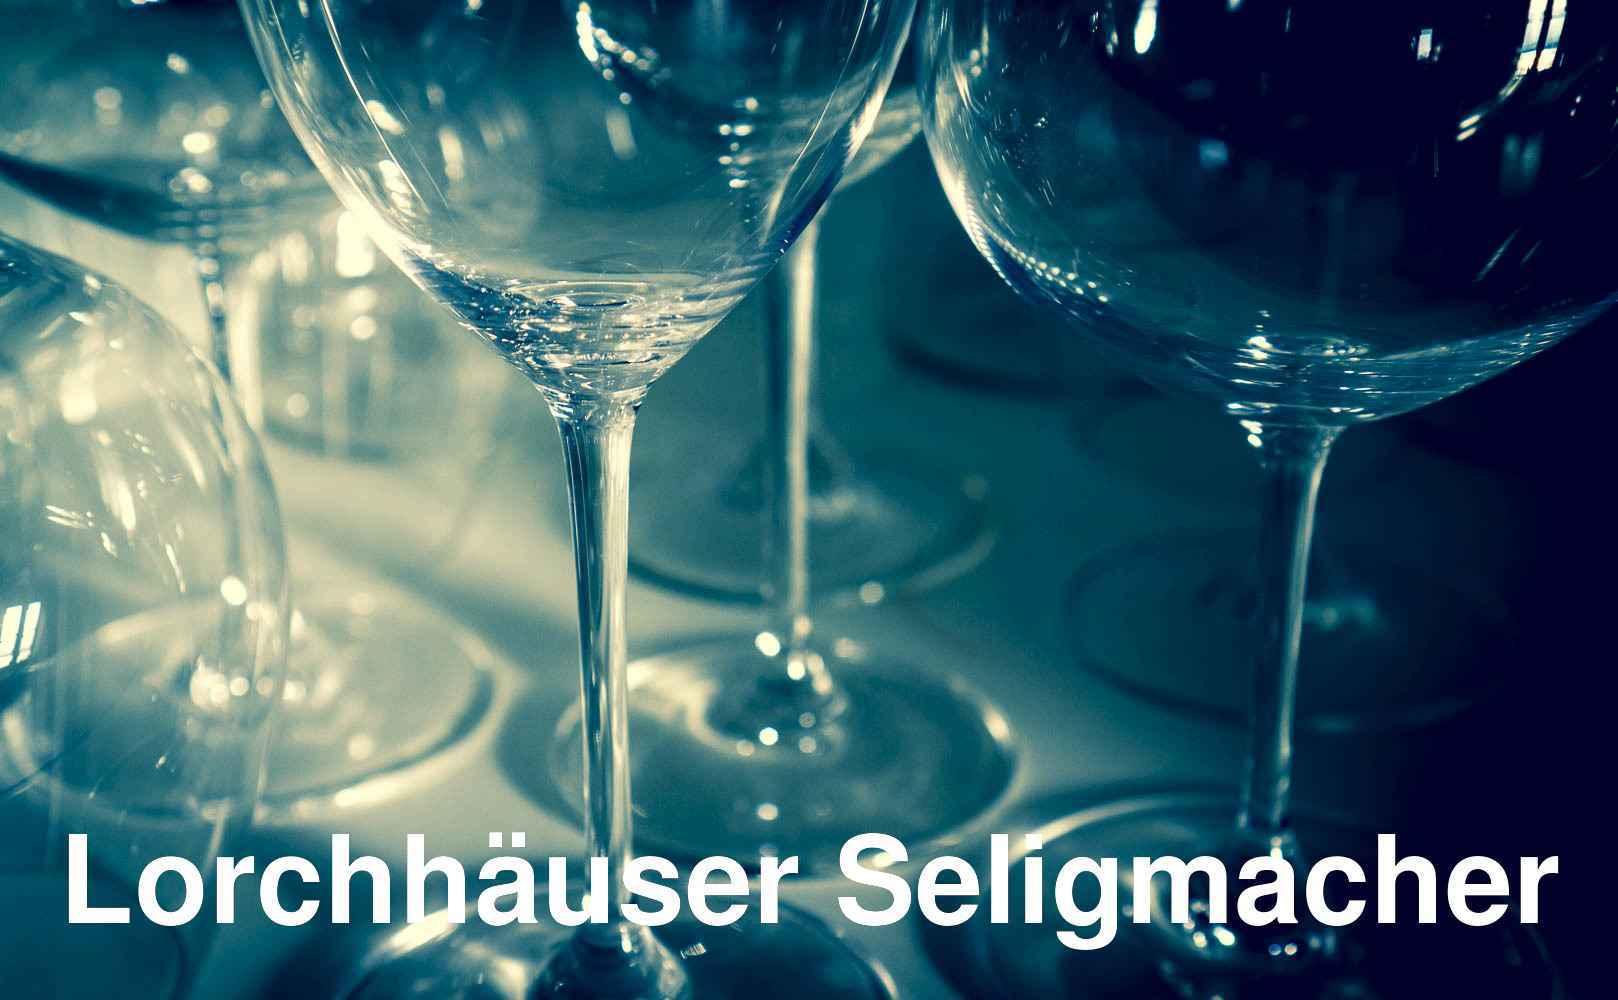 Lorchhäuser Seligmacher von Weingut Sohns aus Rheingau, Deutschland